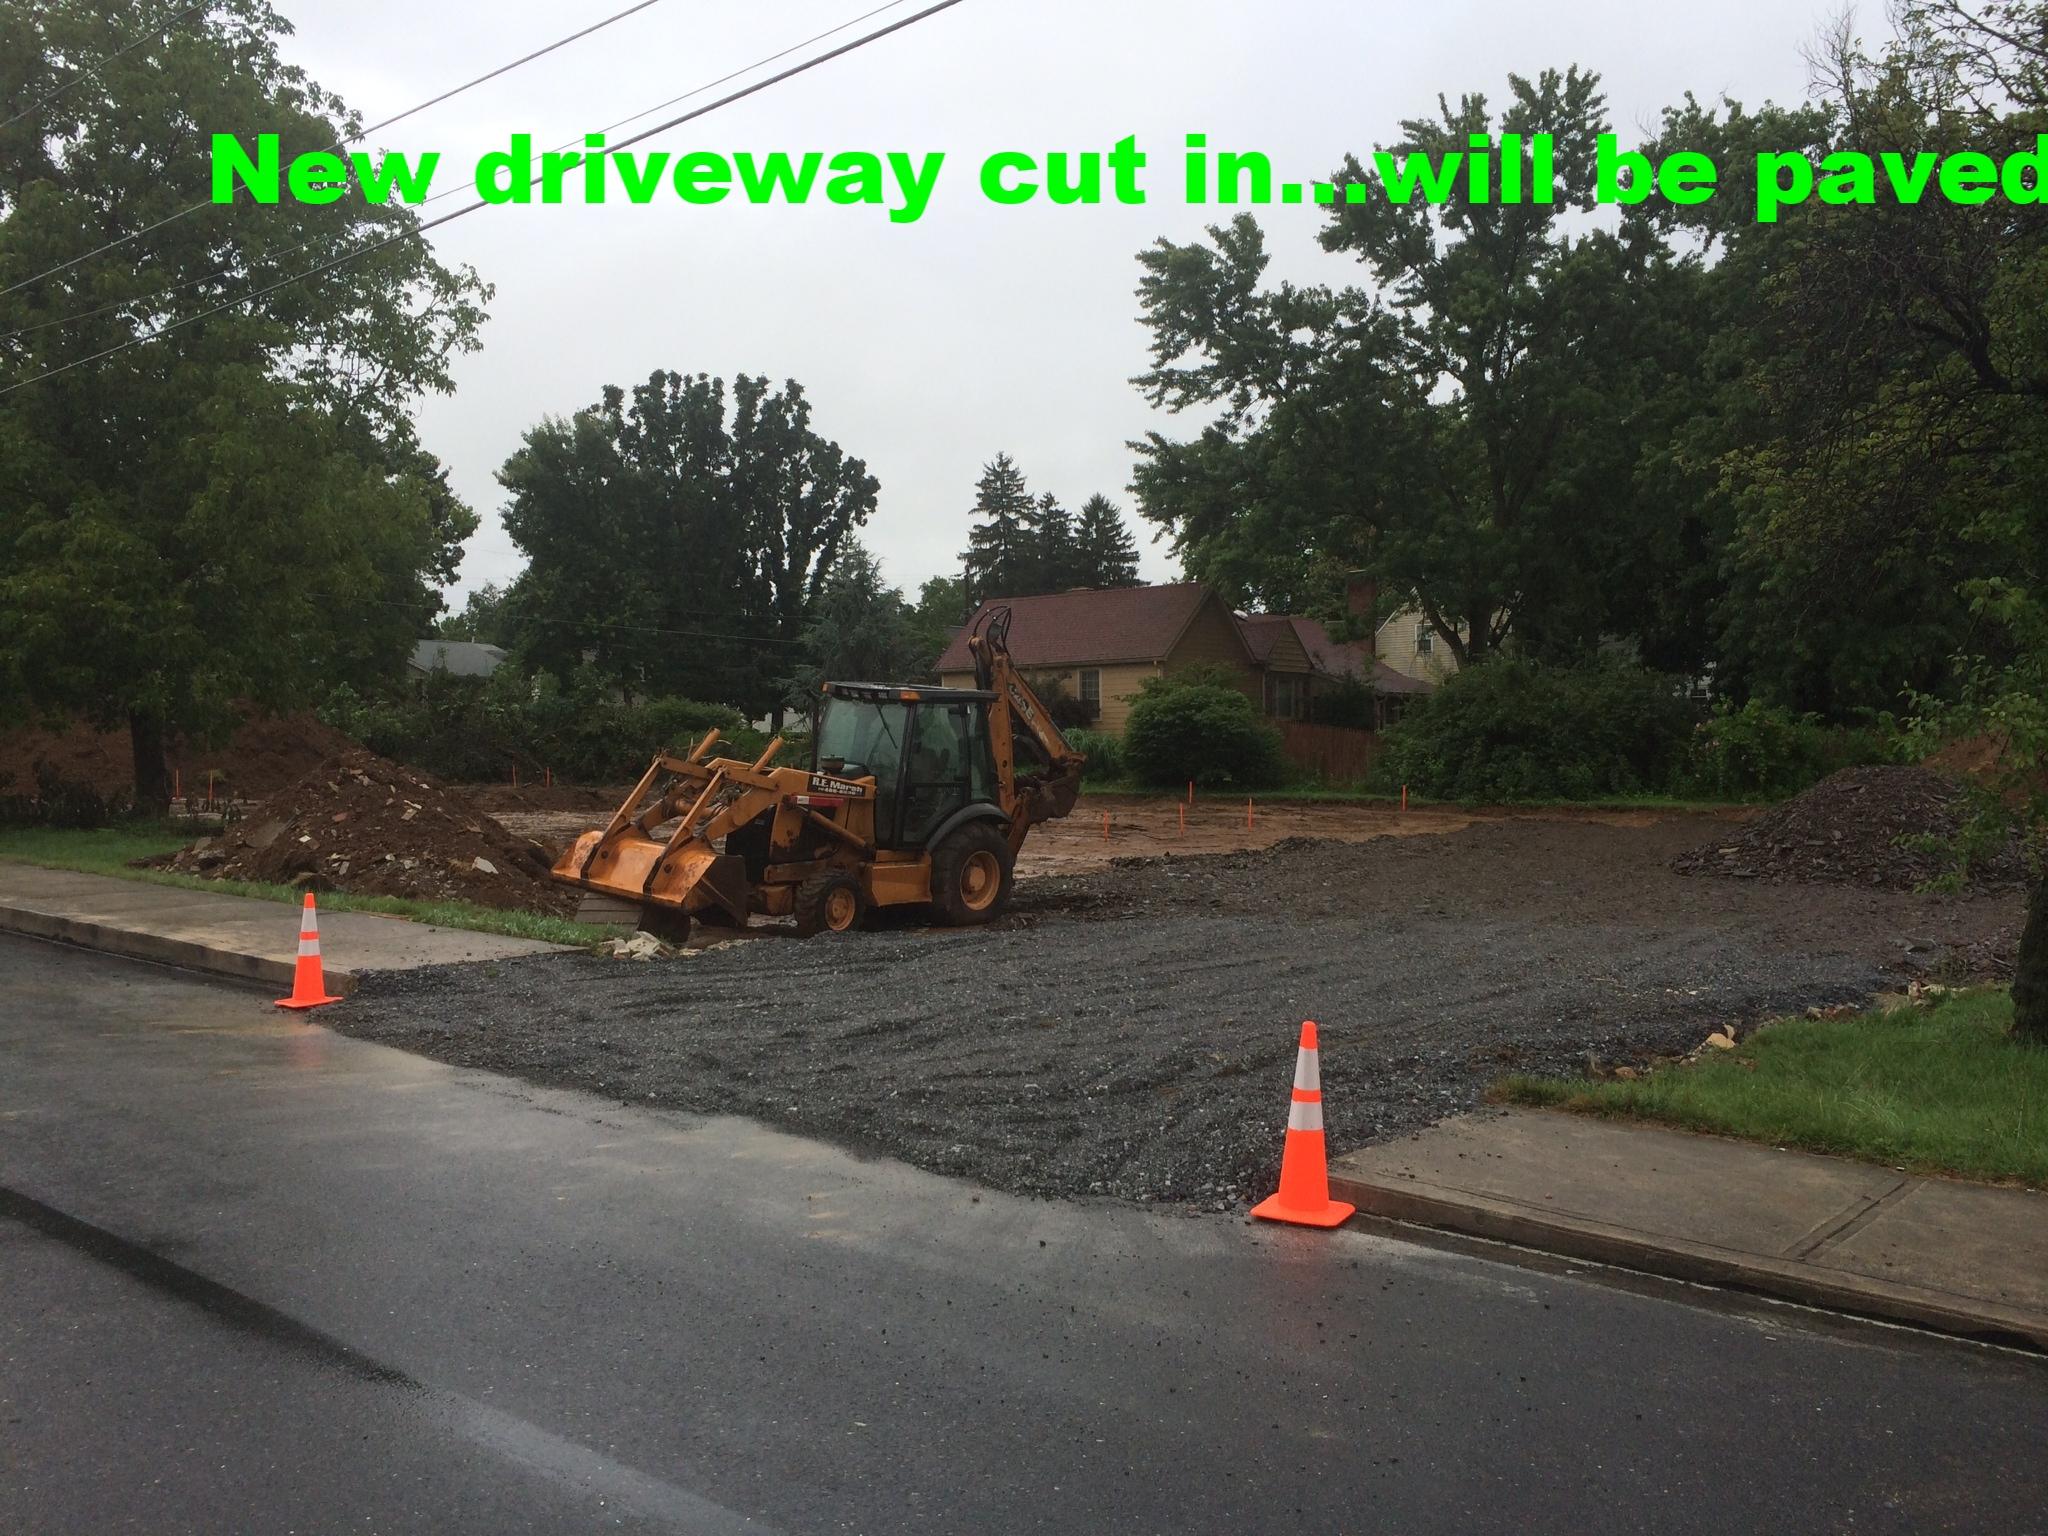 Cutting in new driveways.JPG